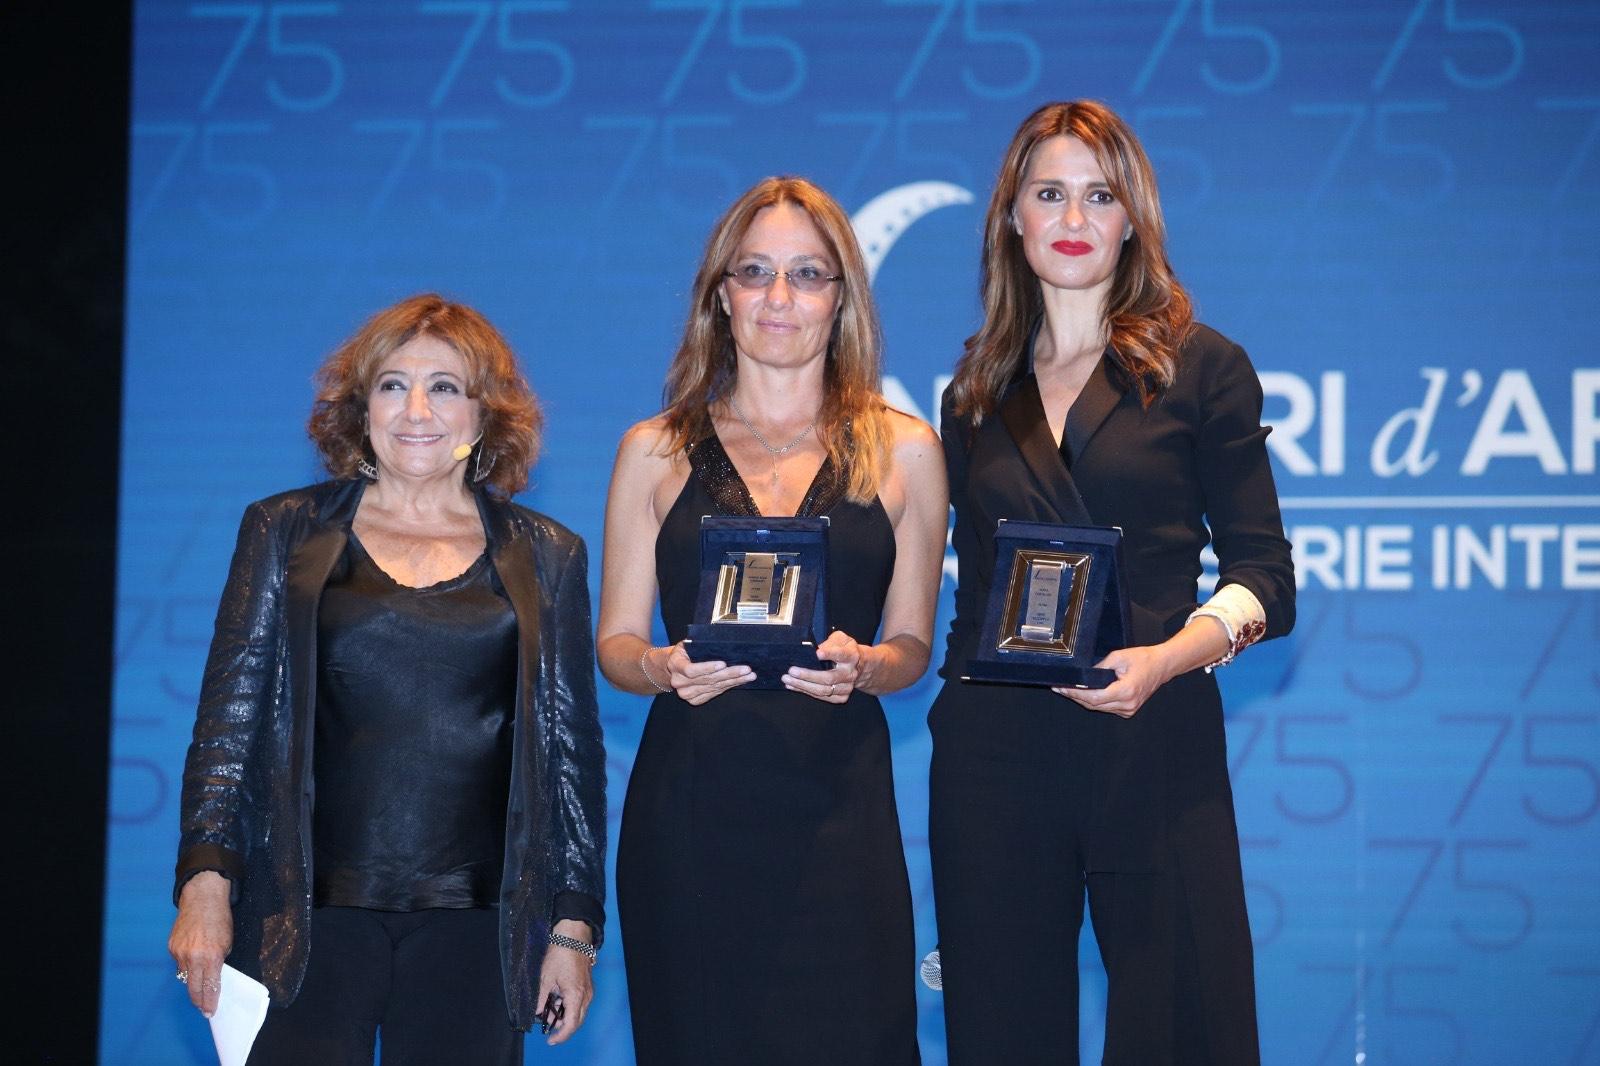 Nastri d'Argento Grandi Serie, foto Laura Delli Colli, Mariasole Tognazzi e Paola Cortellesi